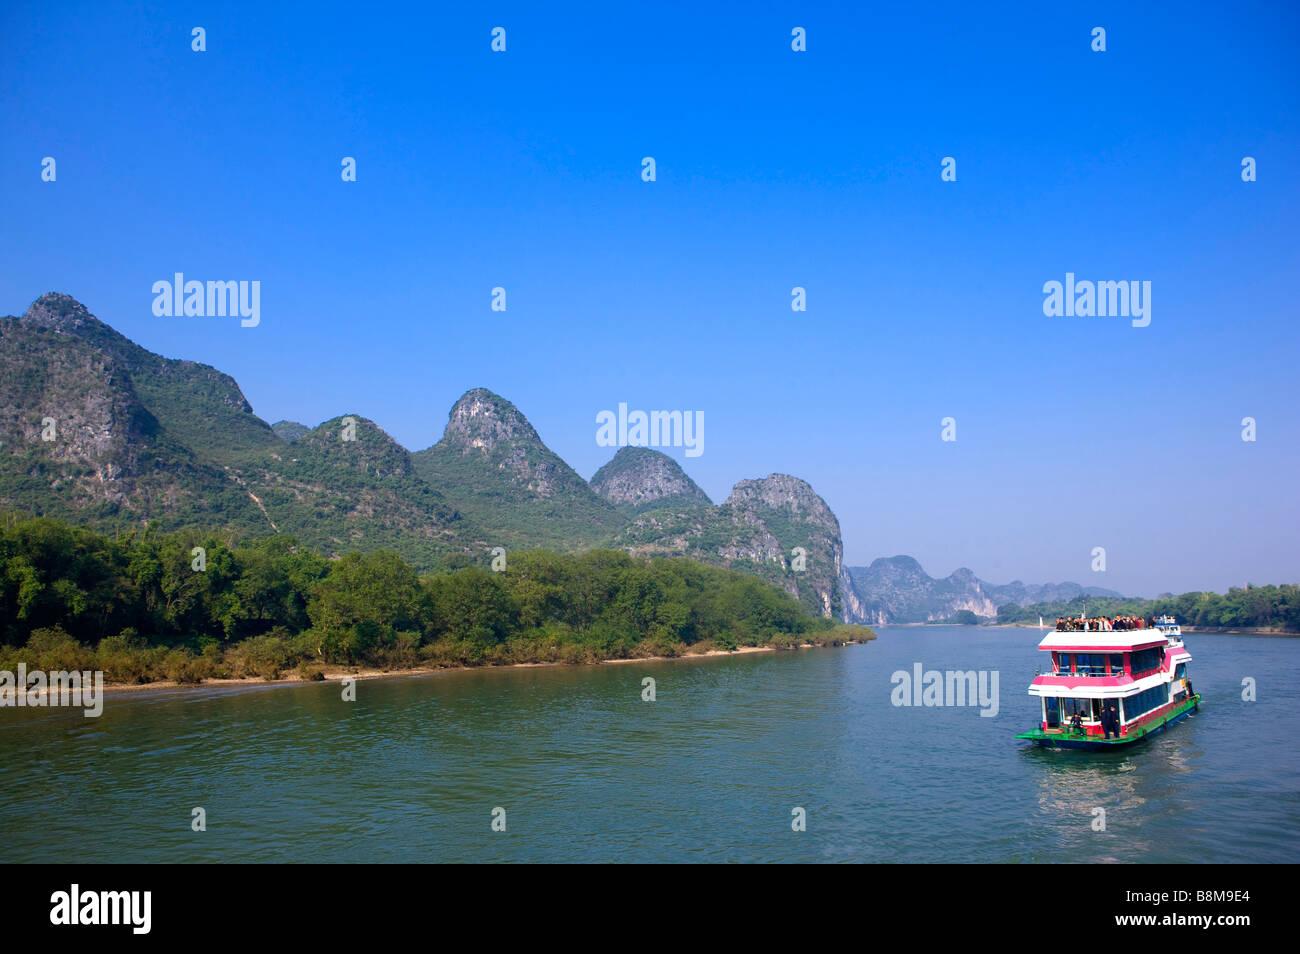 China Guangxi Province Guilin Yangshuo passenger ship on Li River Stock Photo